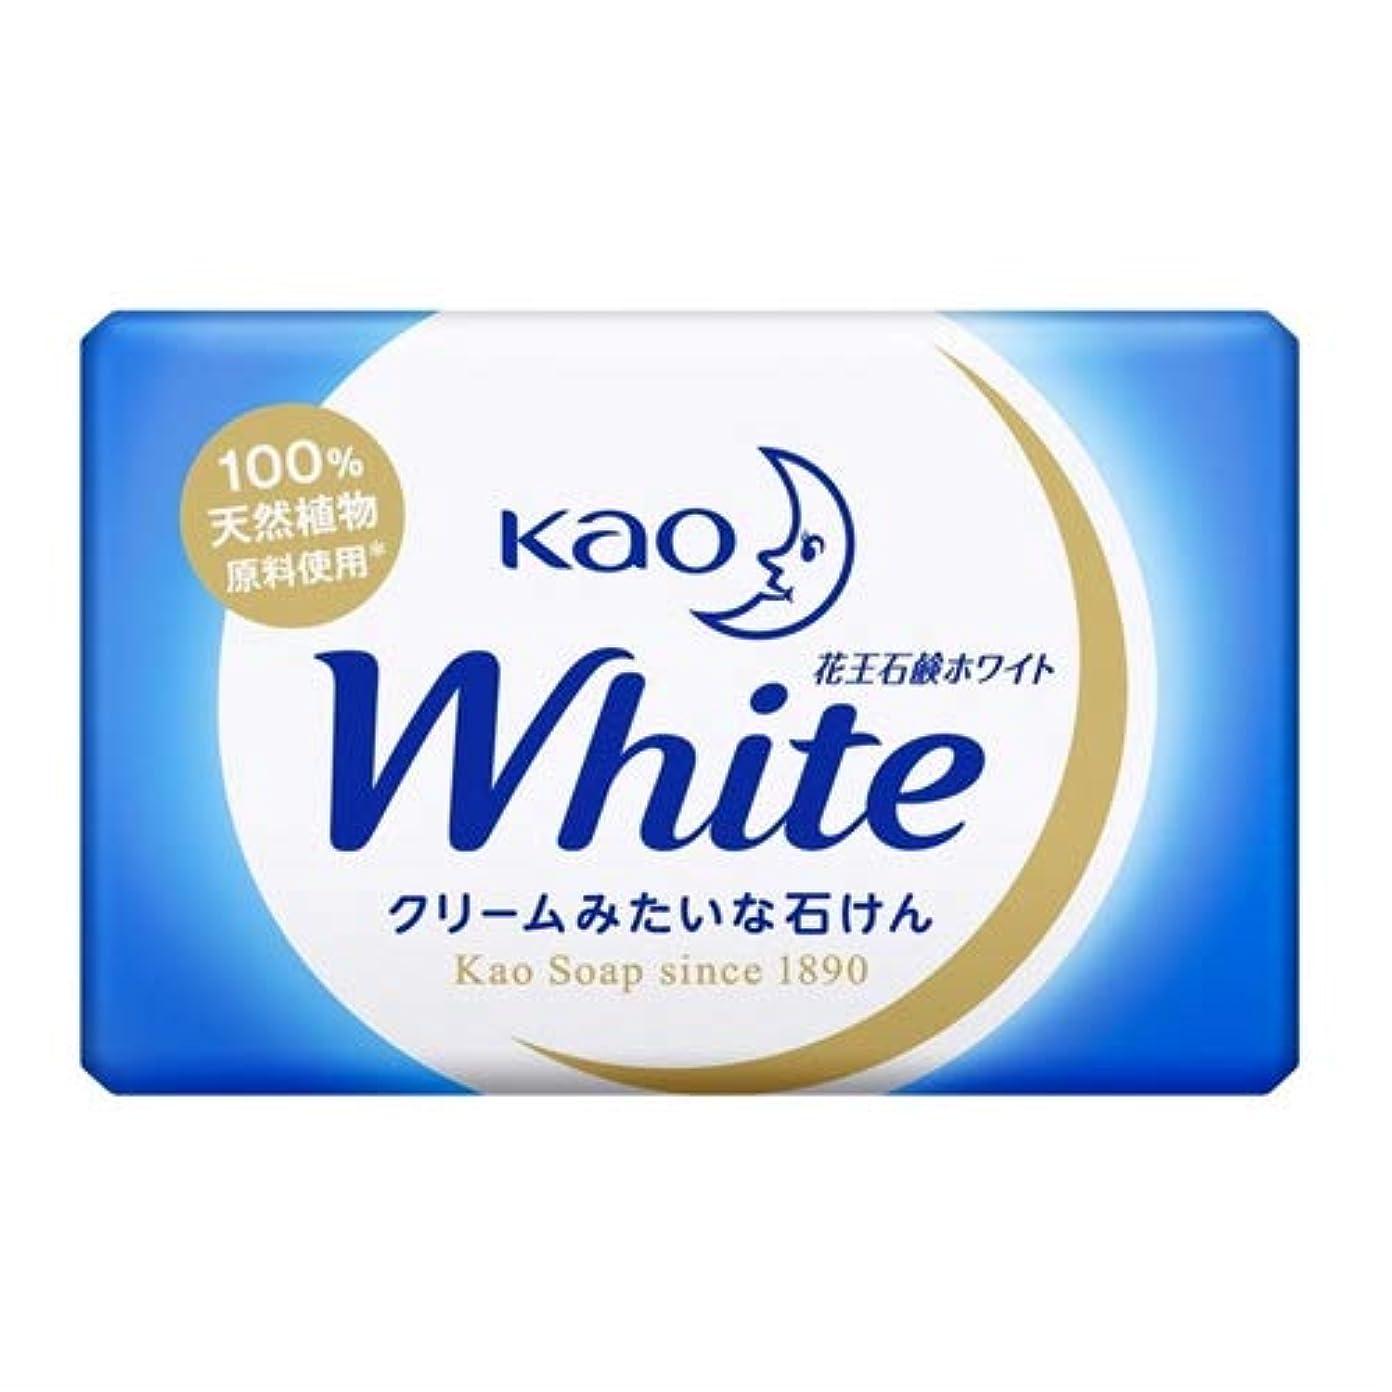 カールトロリーバス続編花王石鹸ホワイト 業務用ミニサイズ 15g × 10個セット